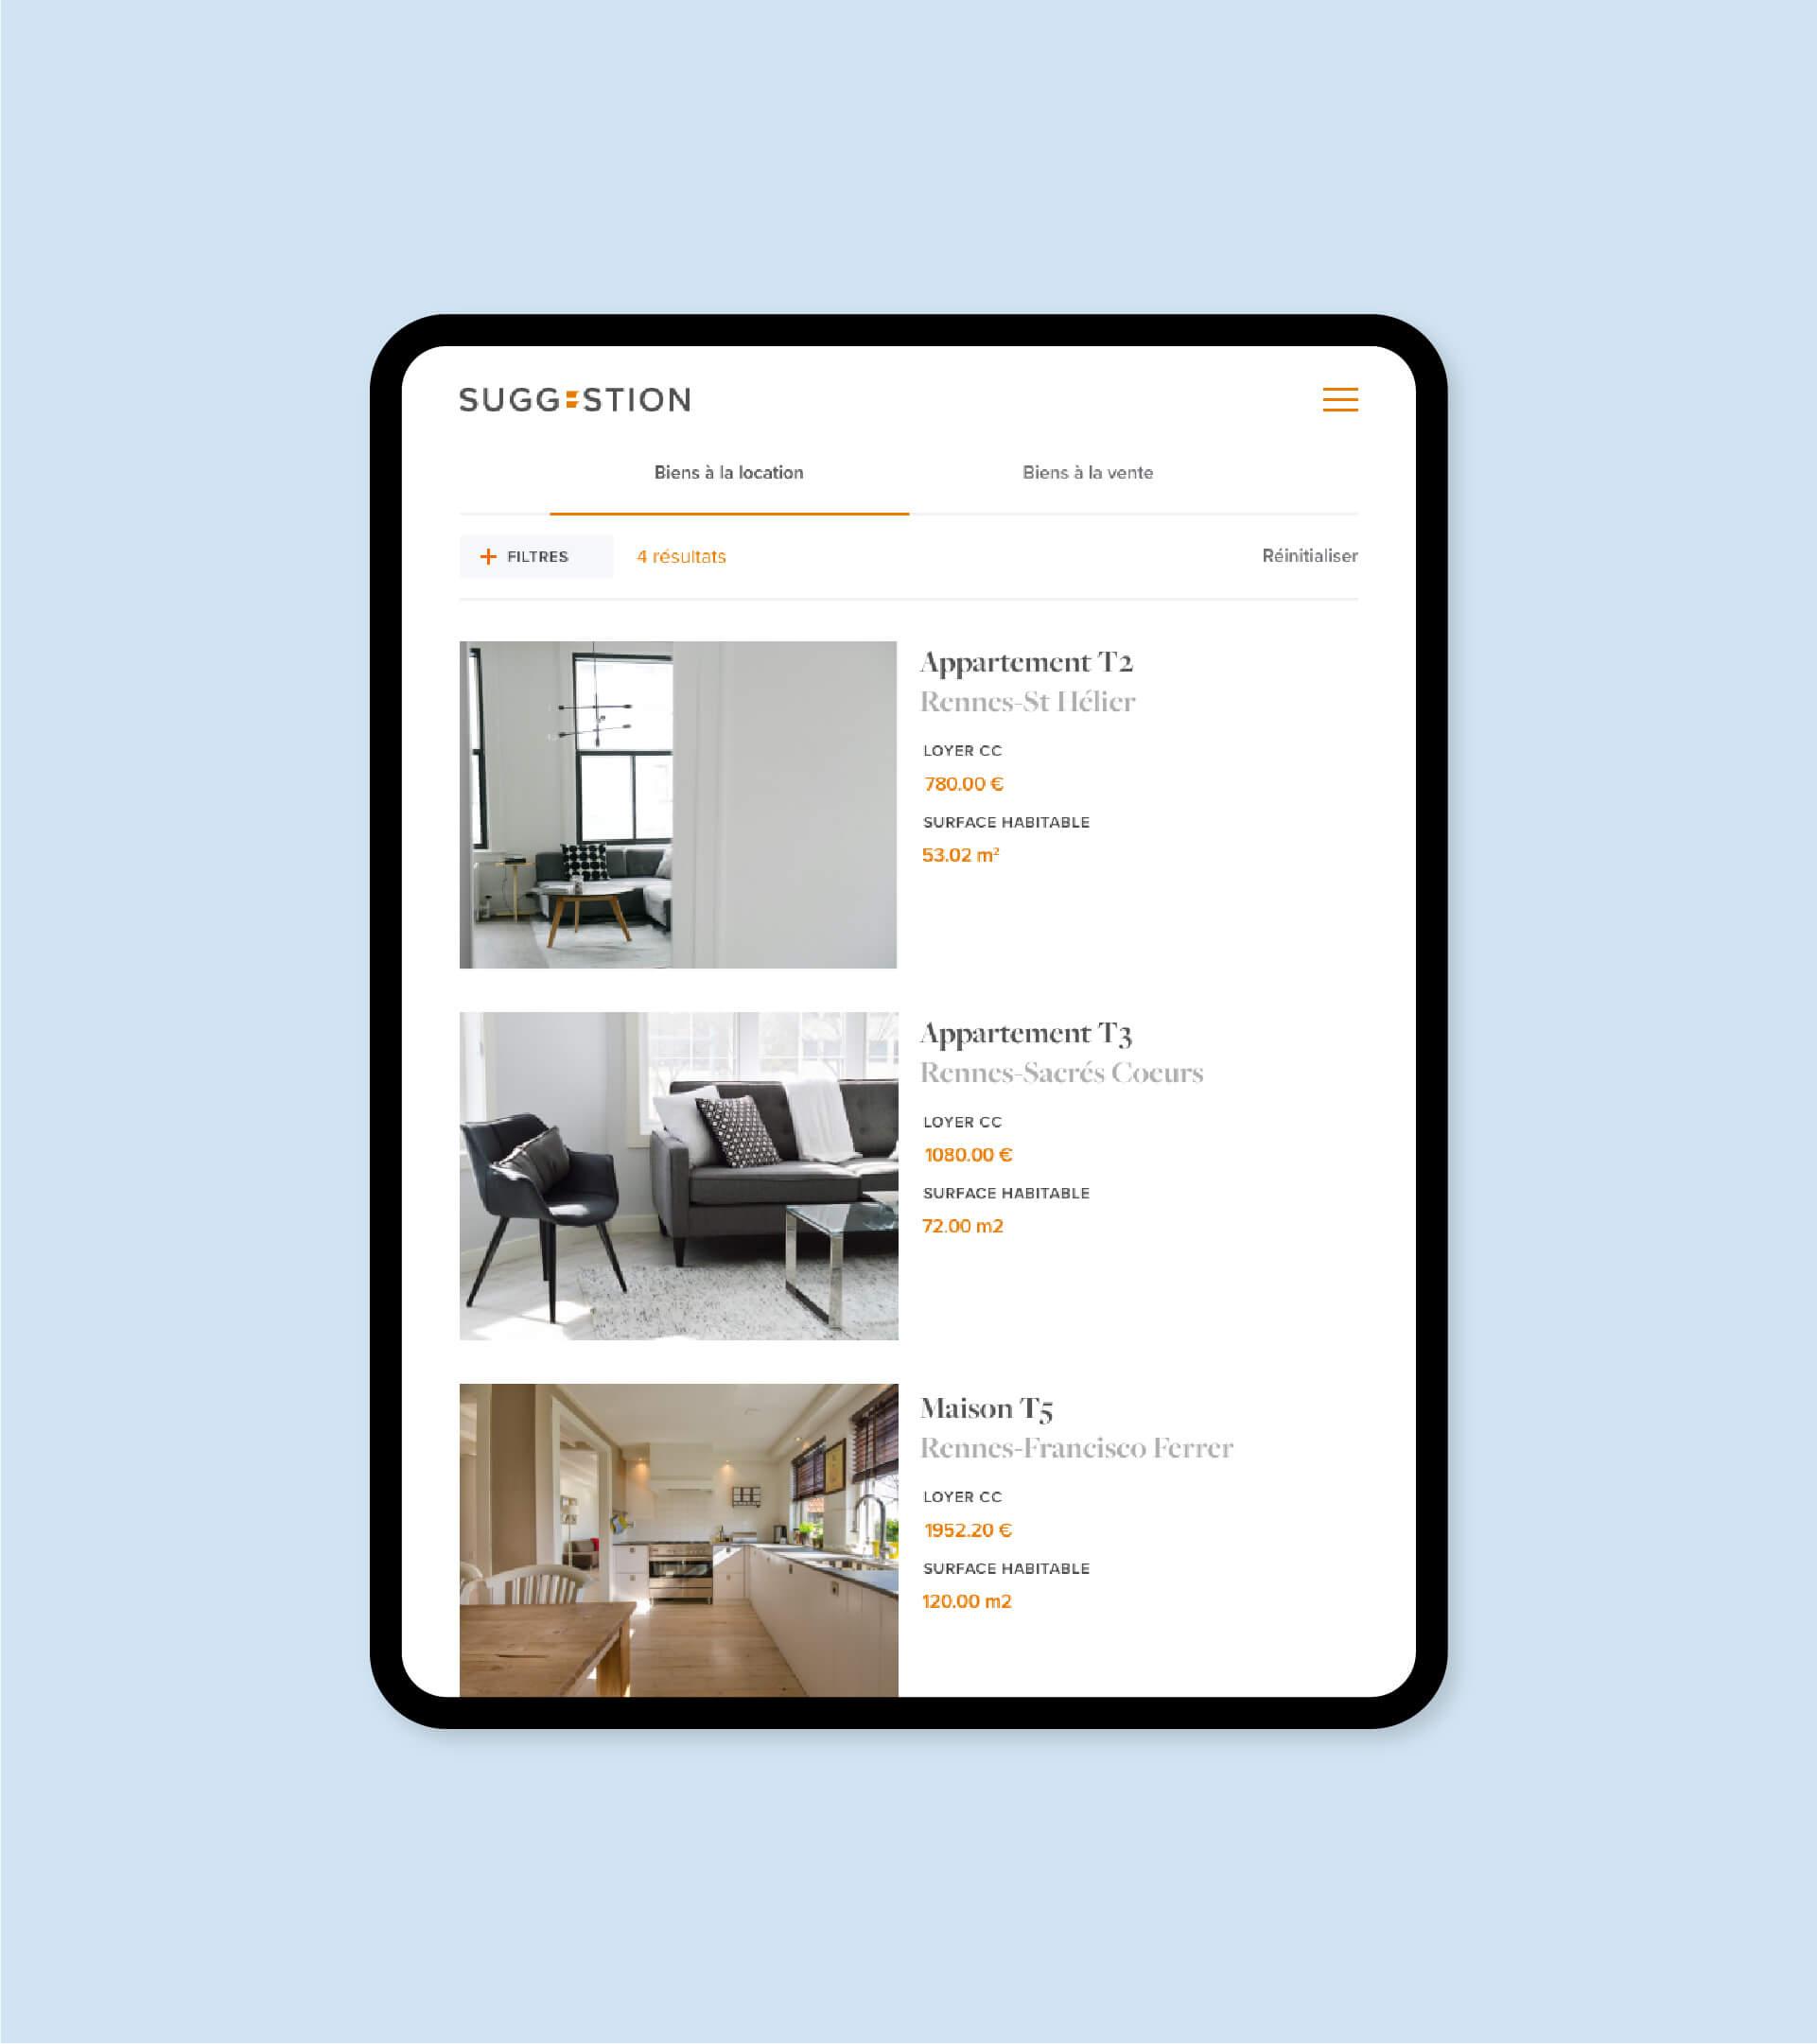 Page de liste d'annonces du site Suggestion en version tablette